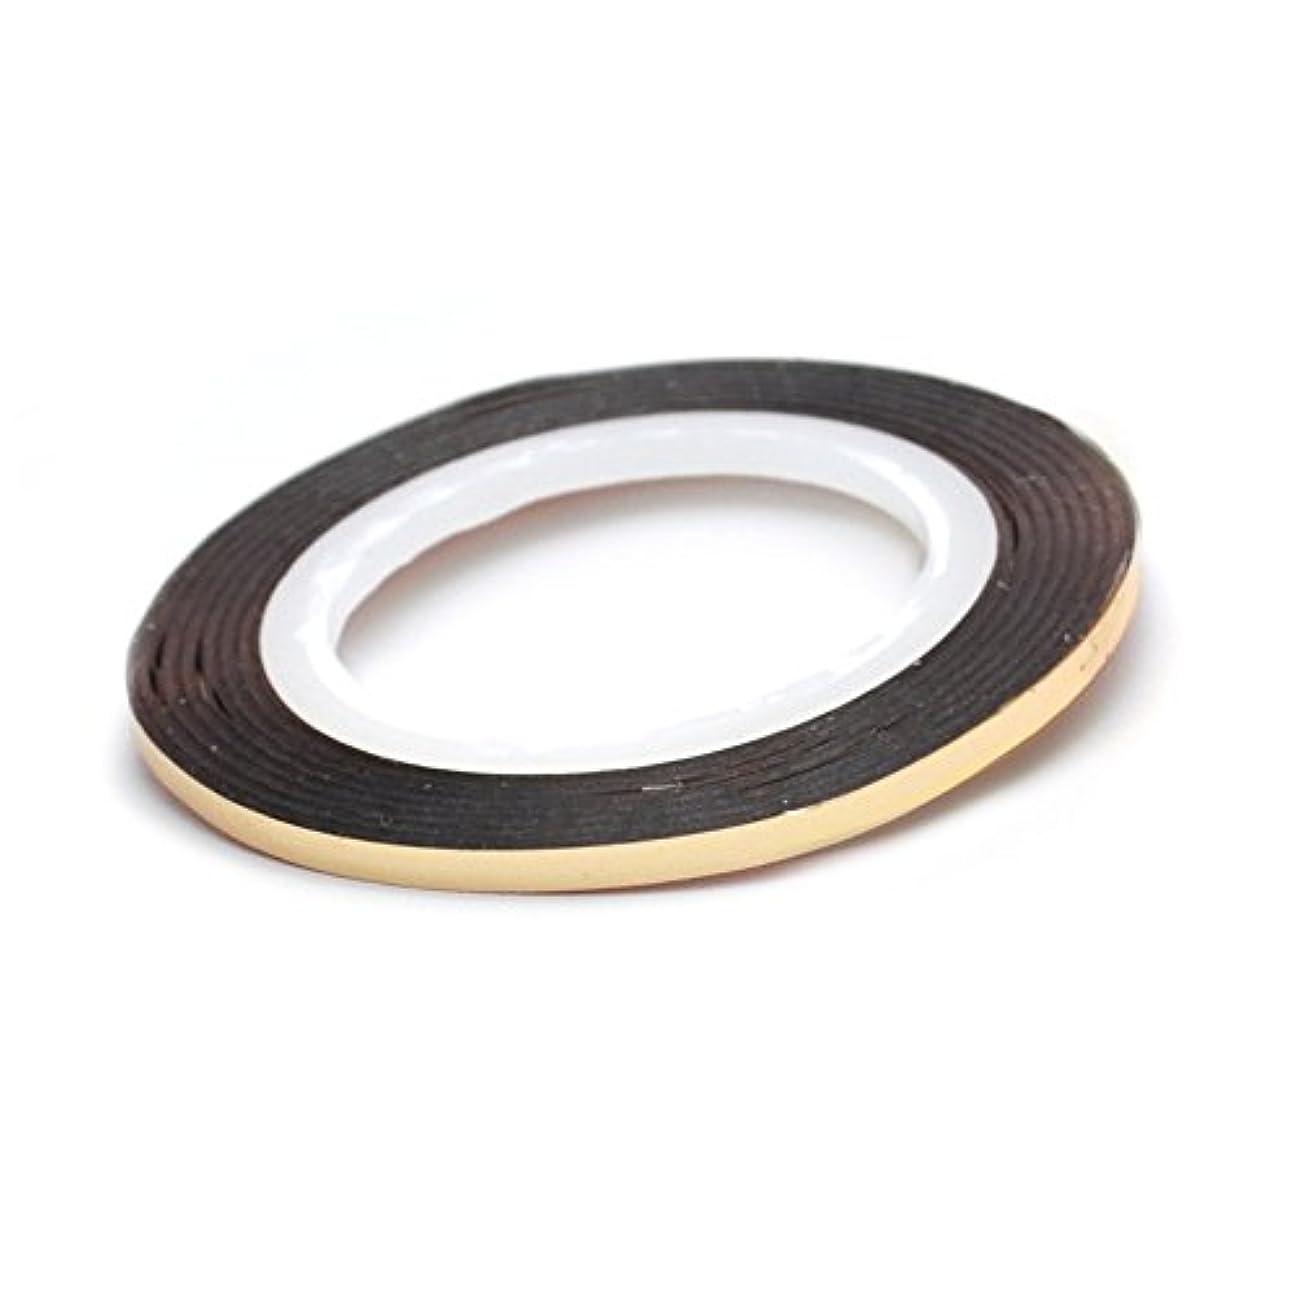 透けるりんご伴うネイル ラインテープ【ライトゴールド】0.8mm ストライピングテープ